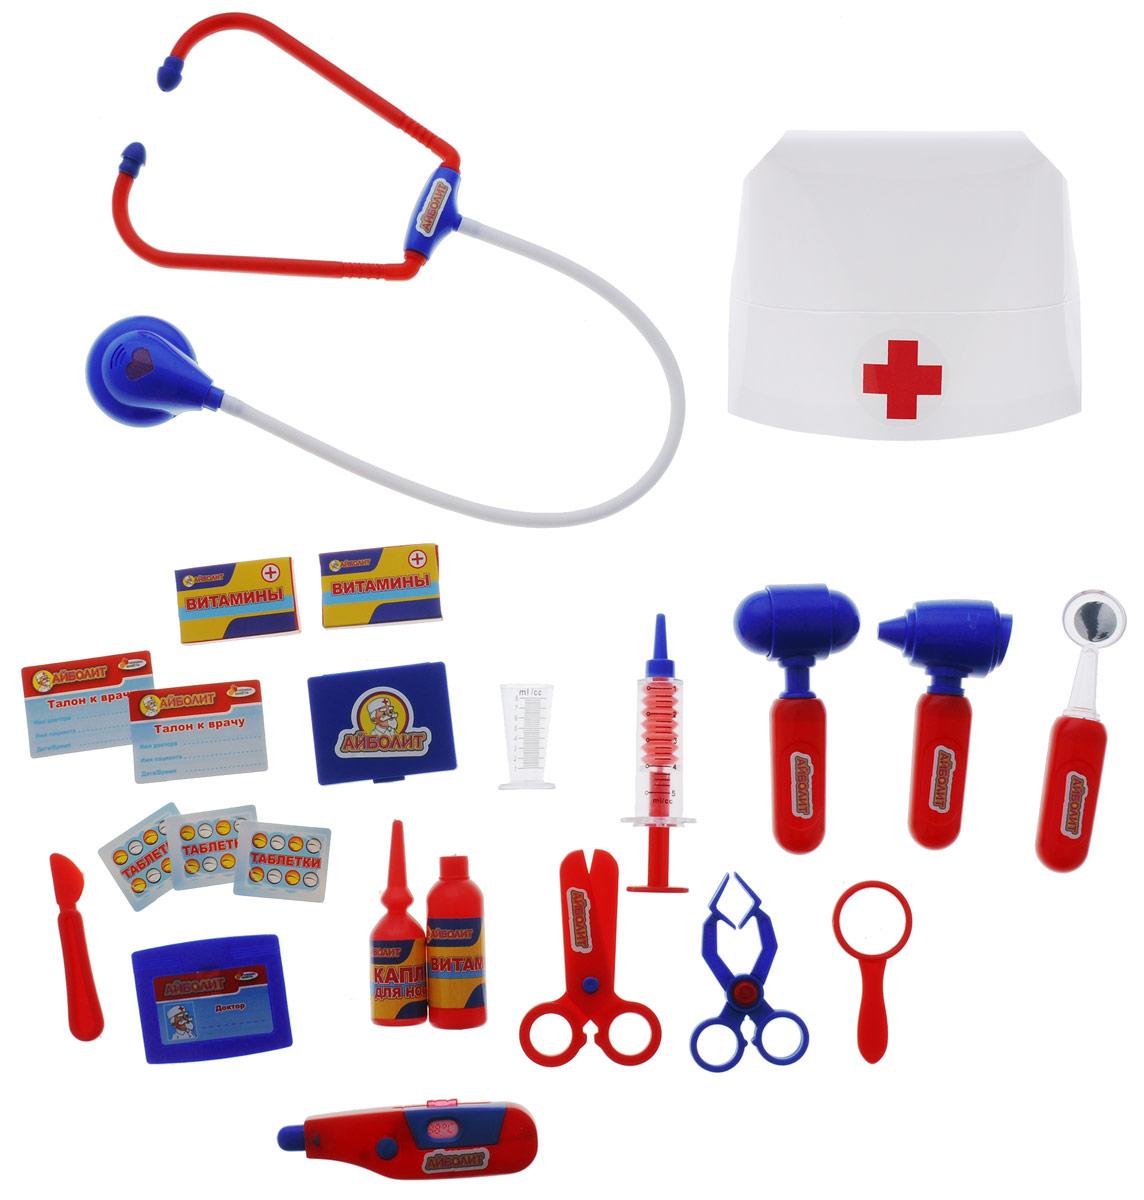 Играем вместе Игровой набор Доктор Айболит 19 предметовA373-H34024-RИгровой набор Играем вместе Доктор Айболит включает в себя полный набор необходимых аксессуаров для маленького врача, которые создадут увлекательную атмосферу игры. В комплект входят стетоскоп, шприц, медицинский молоточек, капли, витамины, градусник и другие медицинские инструменты - всего 19 элементов набора. Также в набор входит шапочка врача. С этим замечательным набором ребенок сможет почувствовать себя квалифицированным специалистом. Теперь все игрушки будут совершенно здоровы!